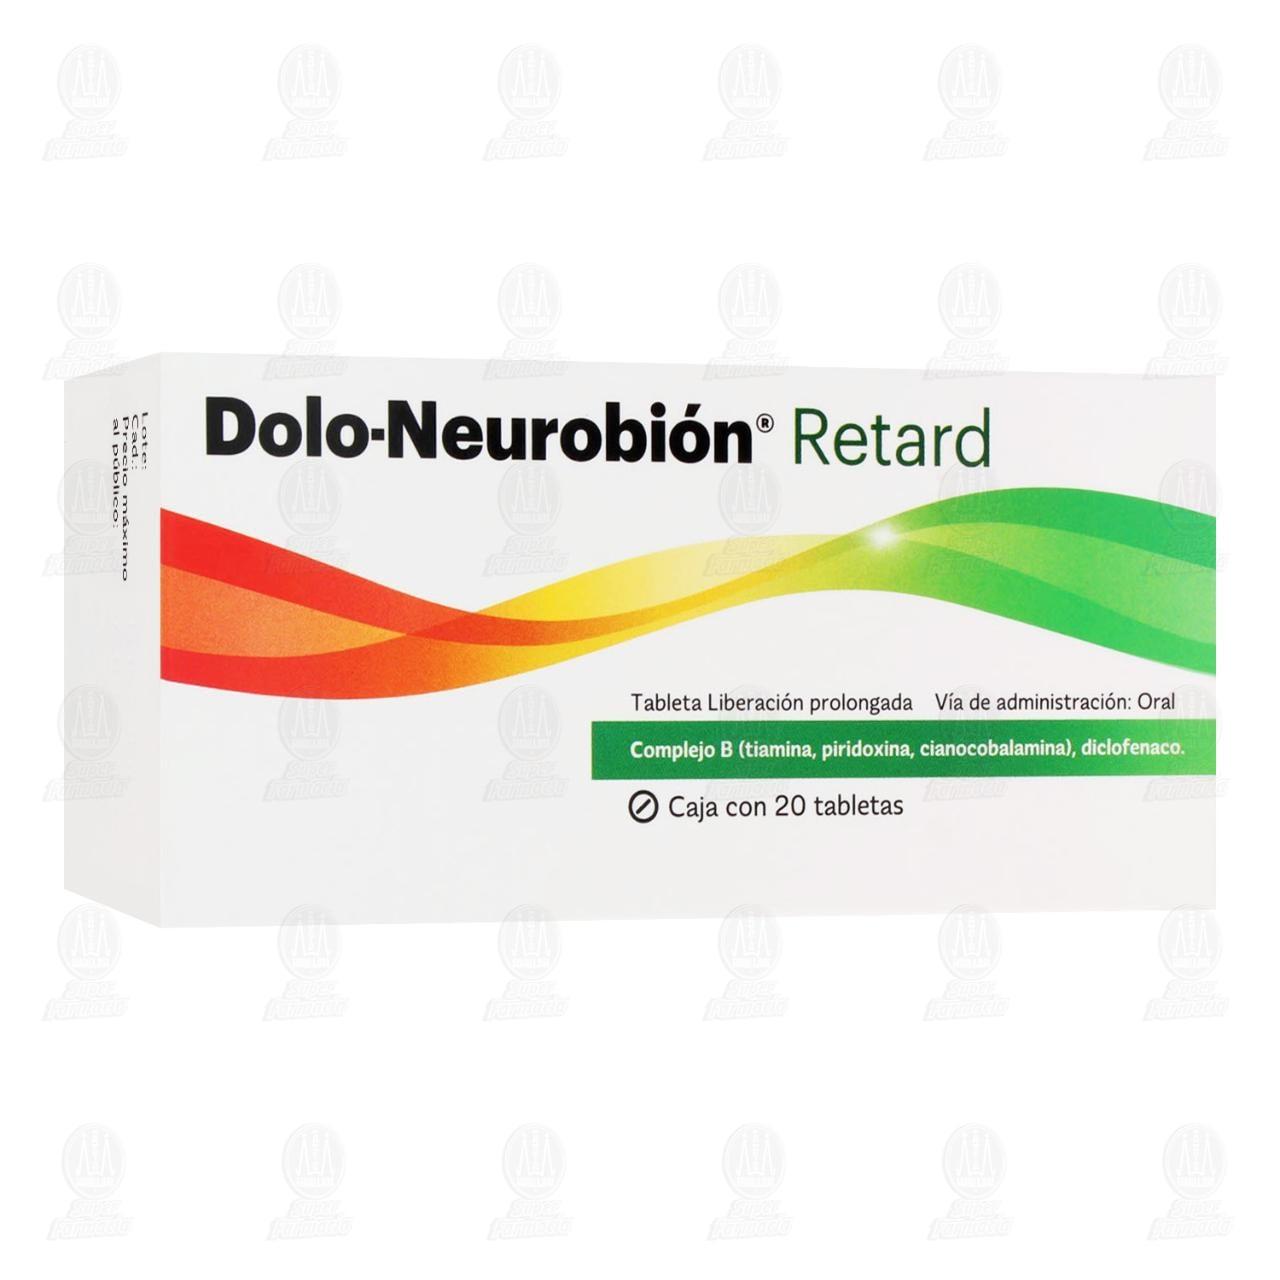 Comprar Dolo-Neurobión Retard 20 Tabletas en Farmacias Guadalajara